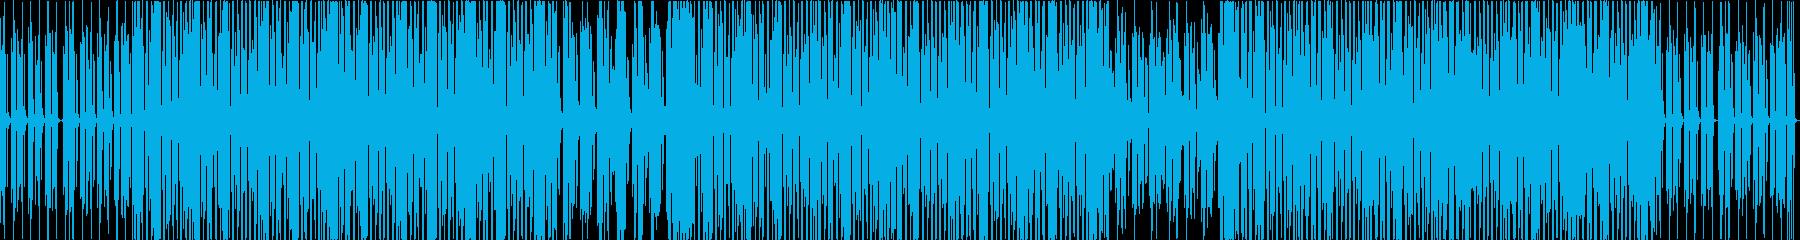 スタイリッシュな大人系HIPHOPの再生済みの波形